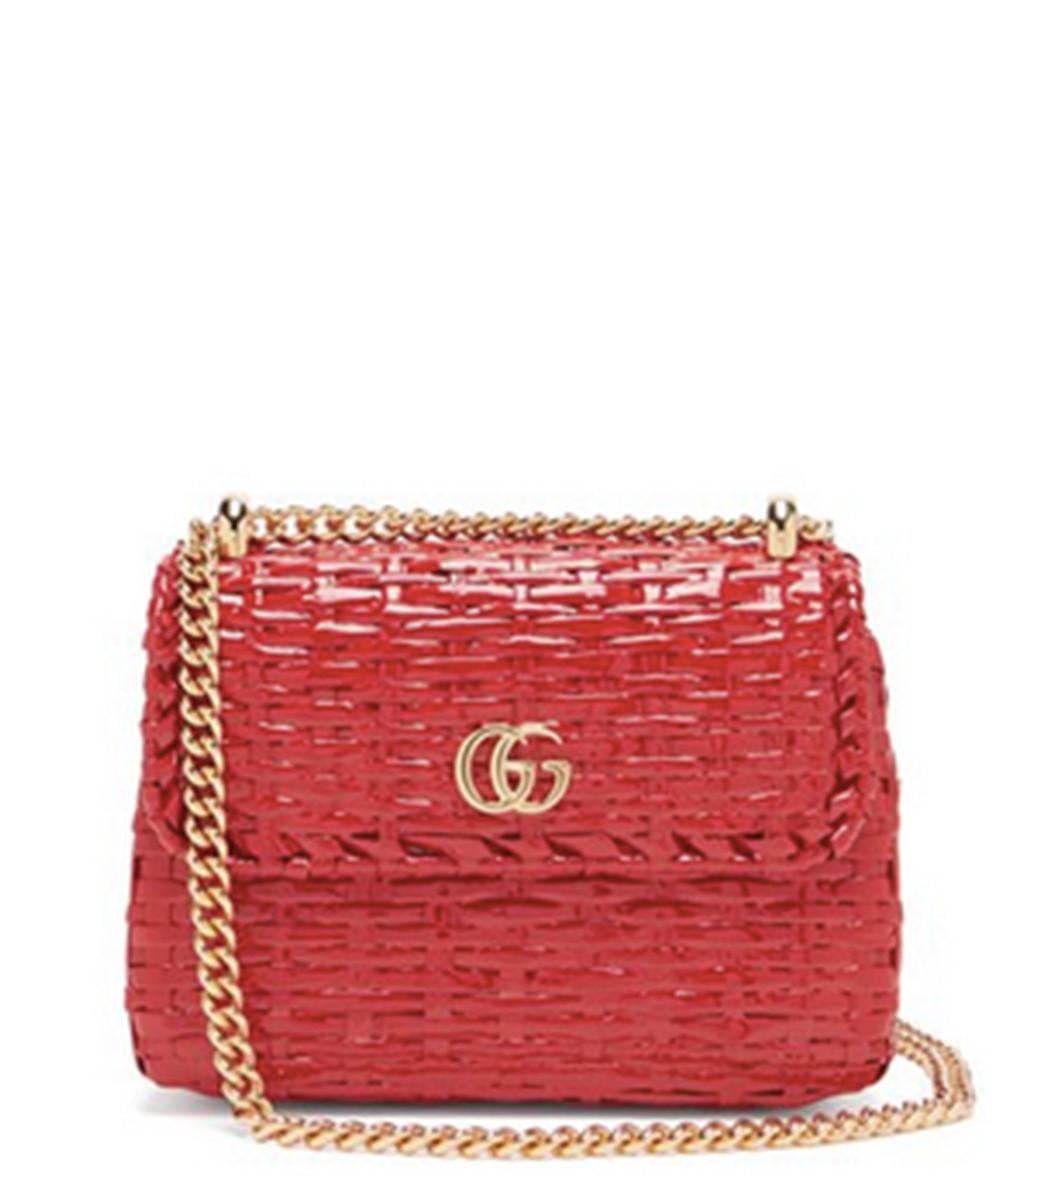 235416db31ac Home / Gucci / Cestino Woven Wicker Cross Body Bag. prev